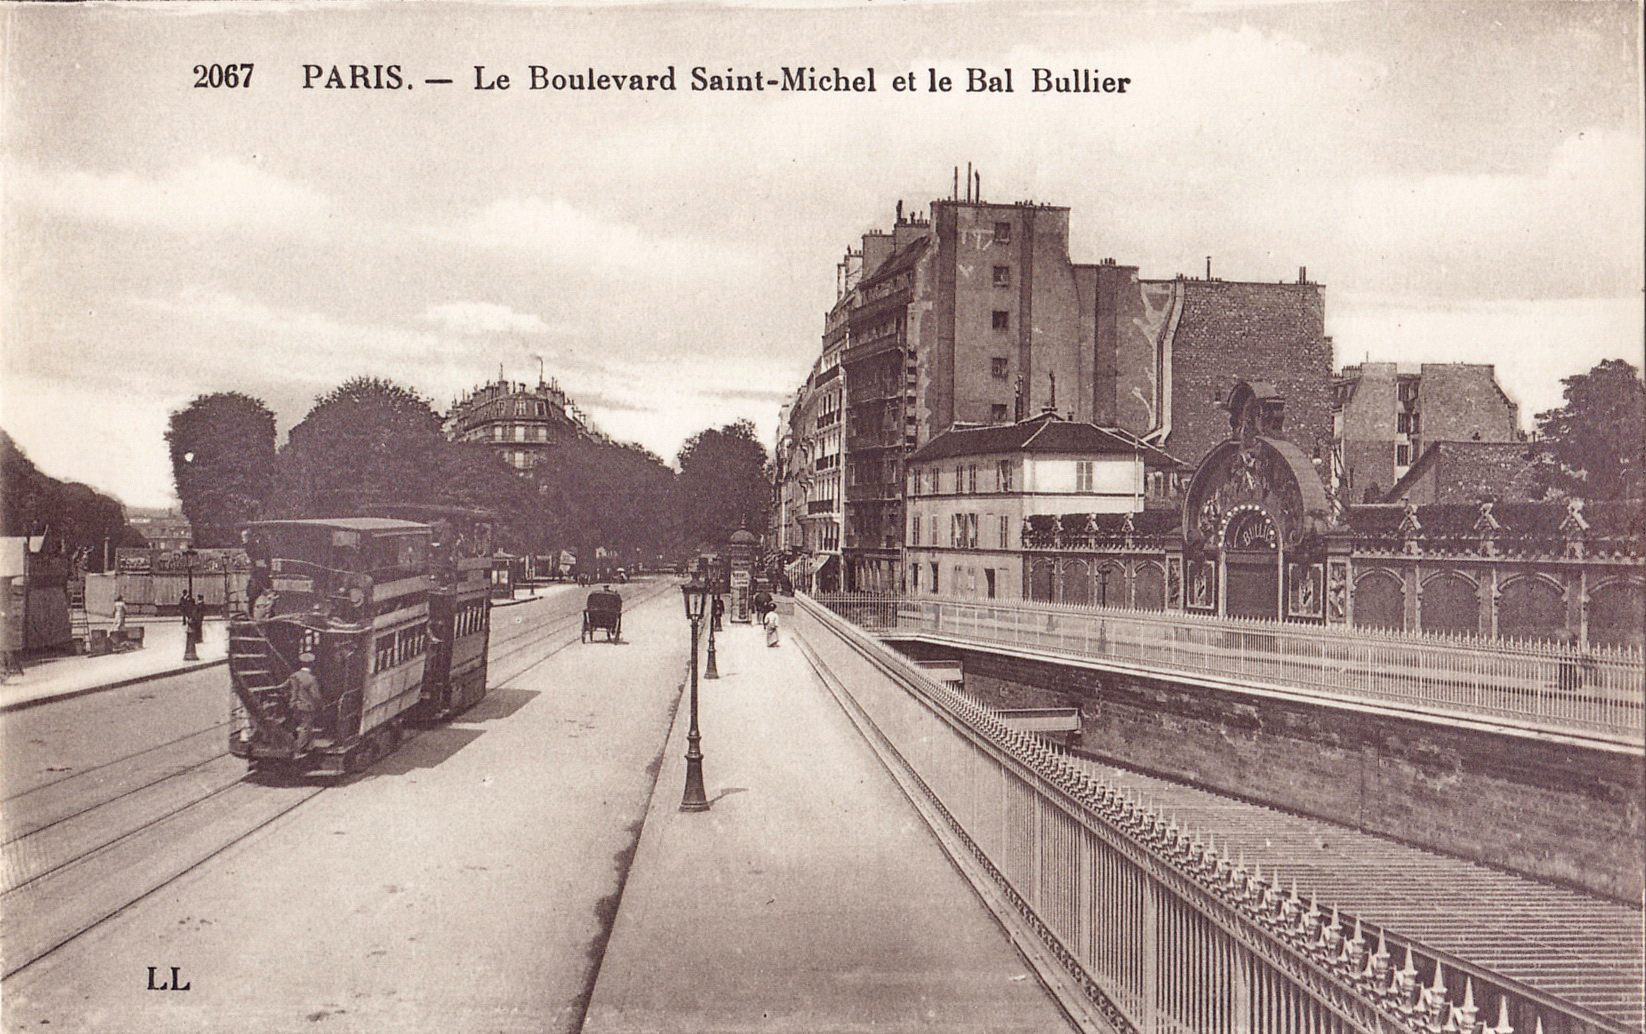 File:LL 2067 - PARIS - Le Boulevard Saint-Michel et le Bal Bullier